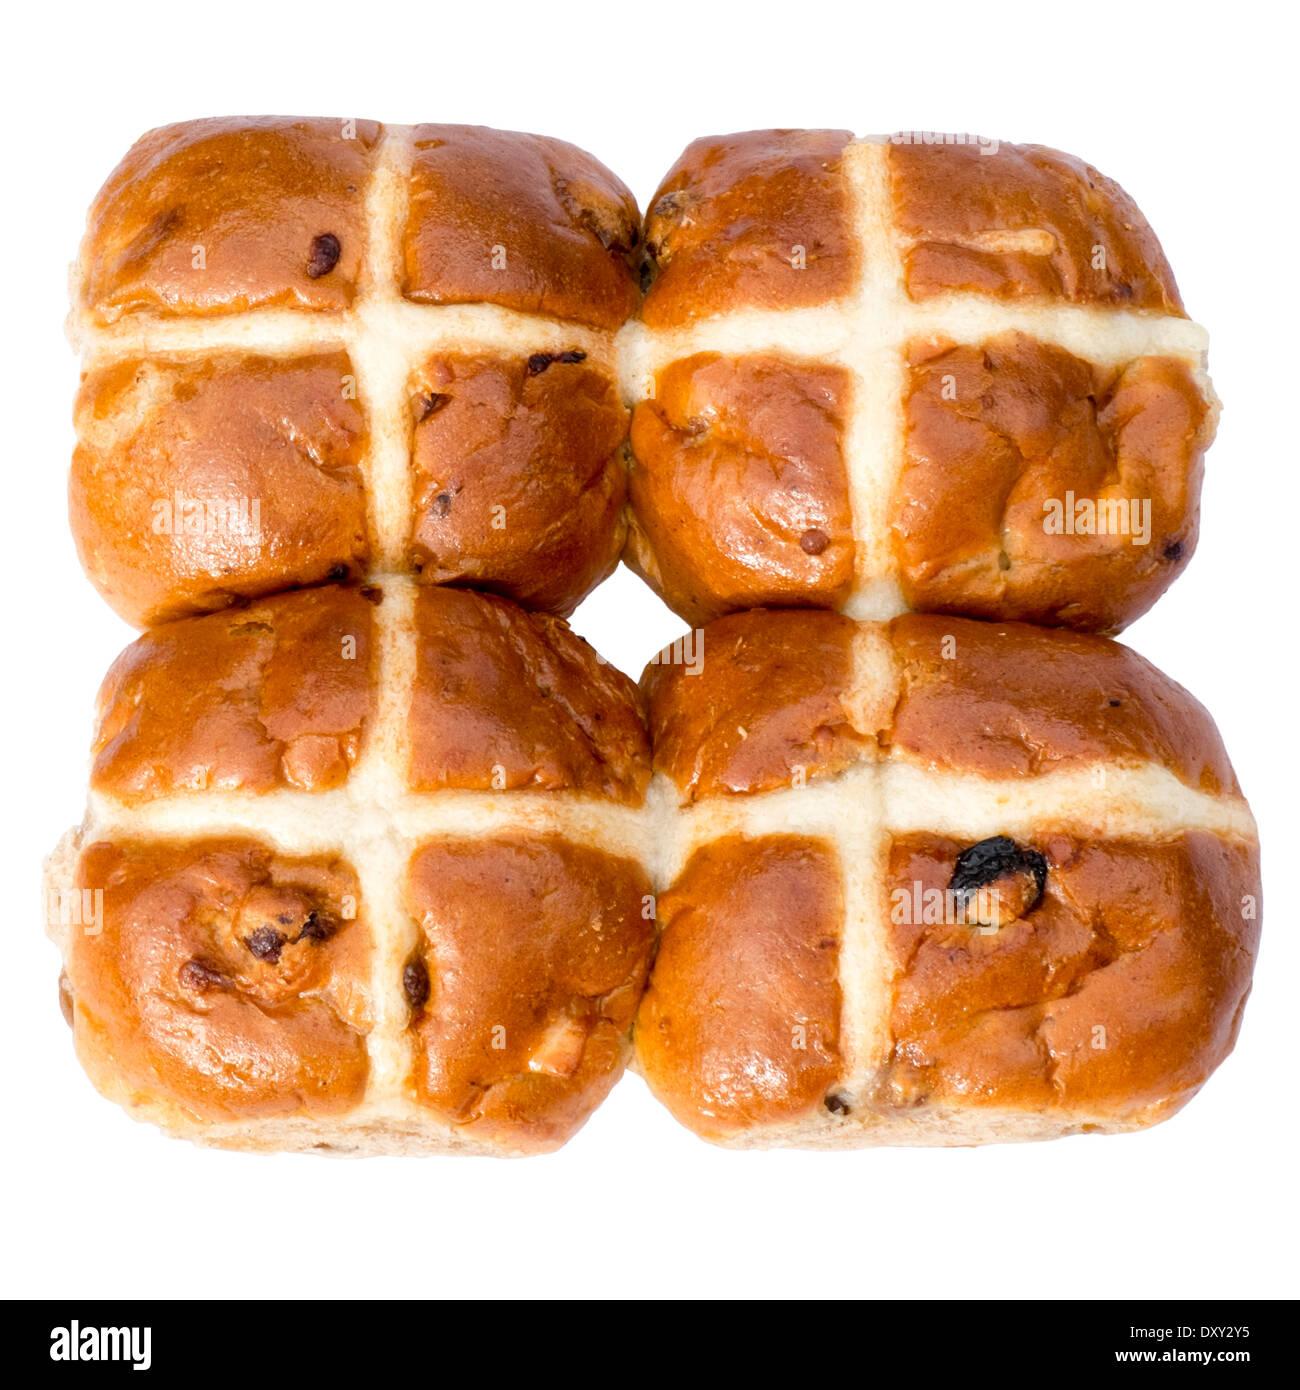 Hot Cross Buns schneiden Sie vor einem weißen Hintergrund. Stockbild